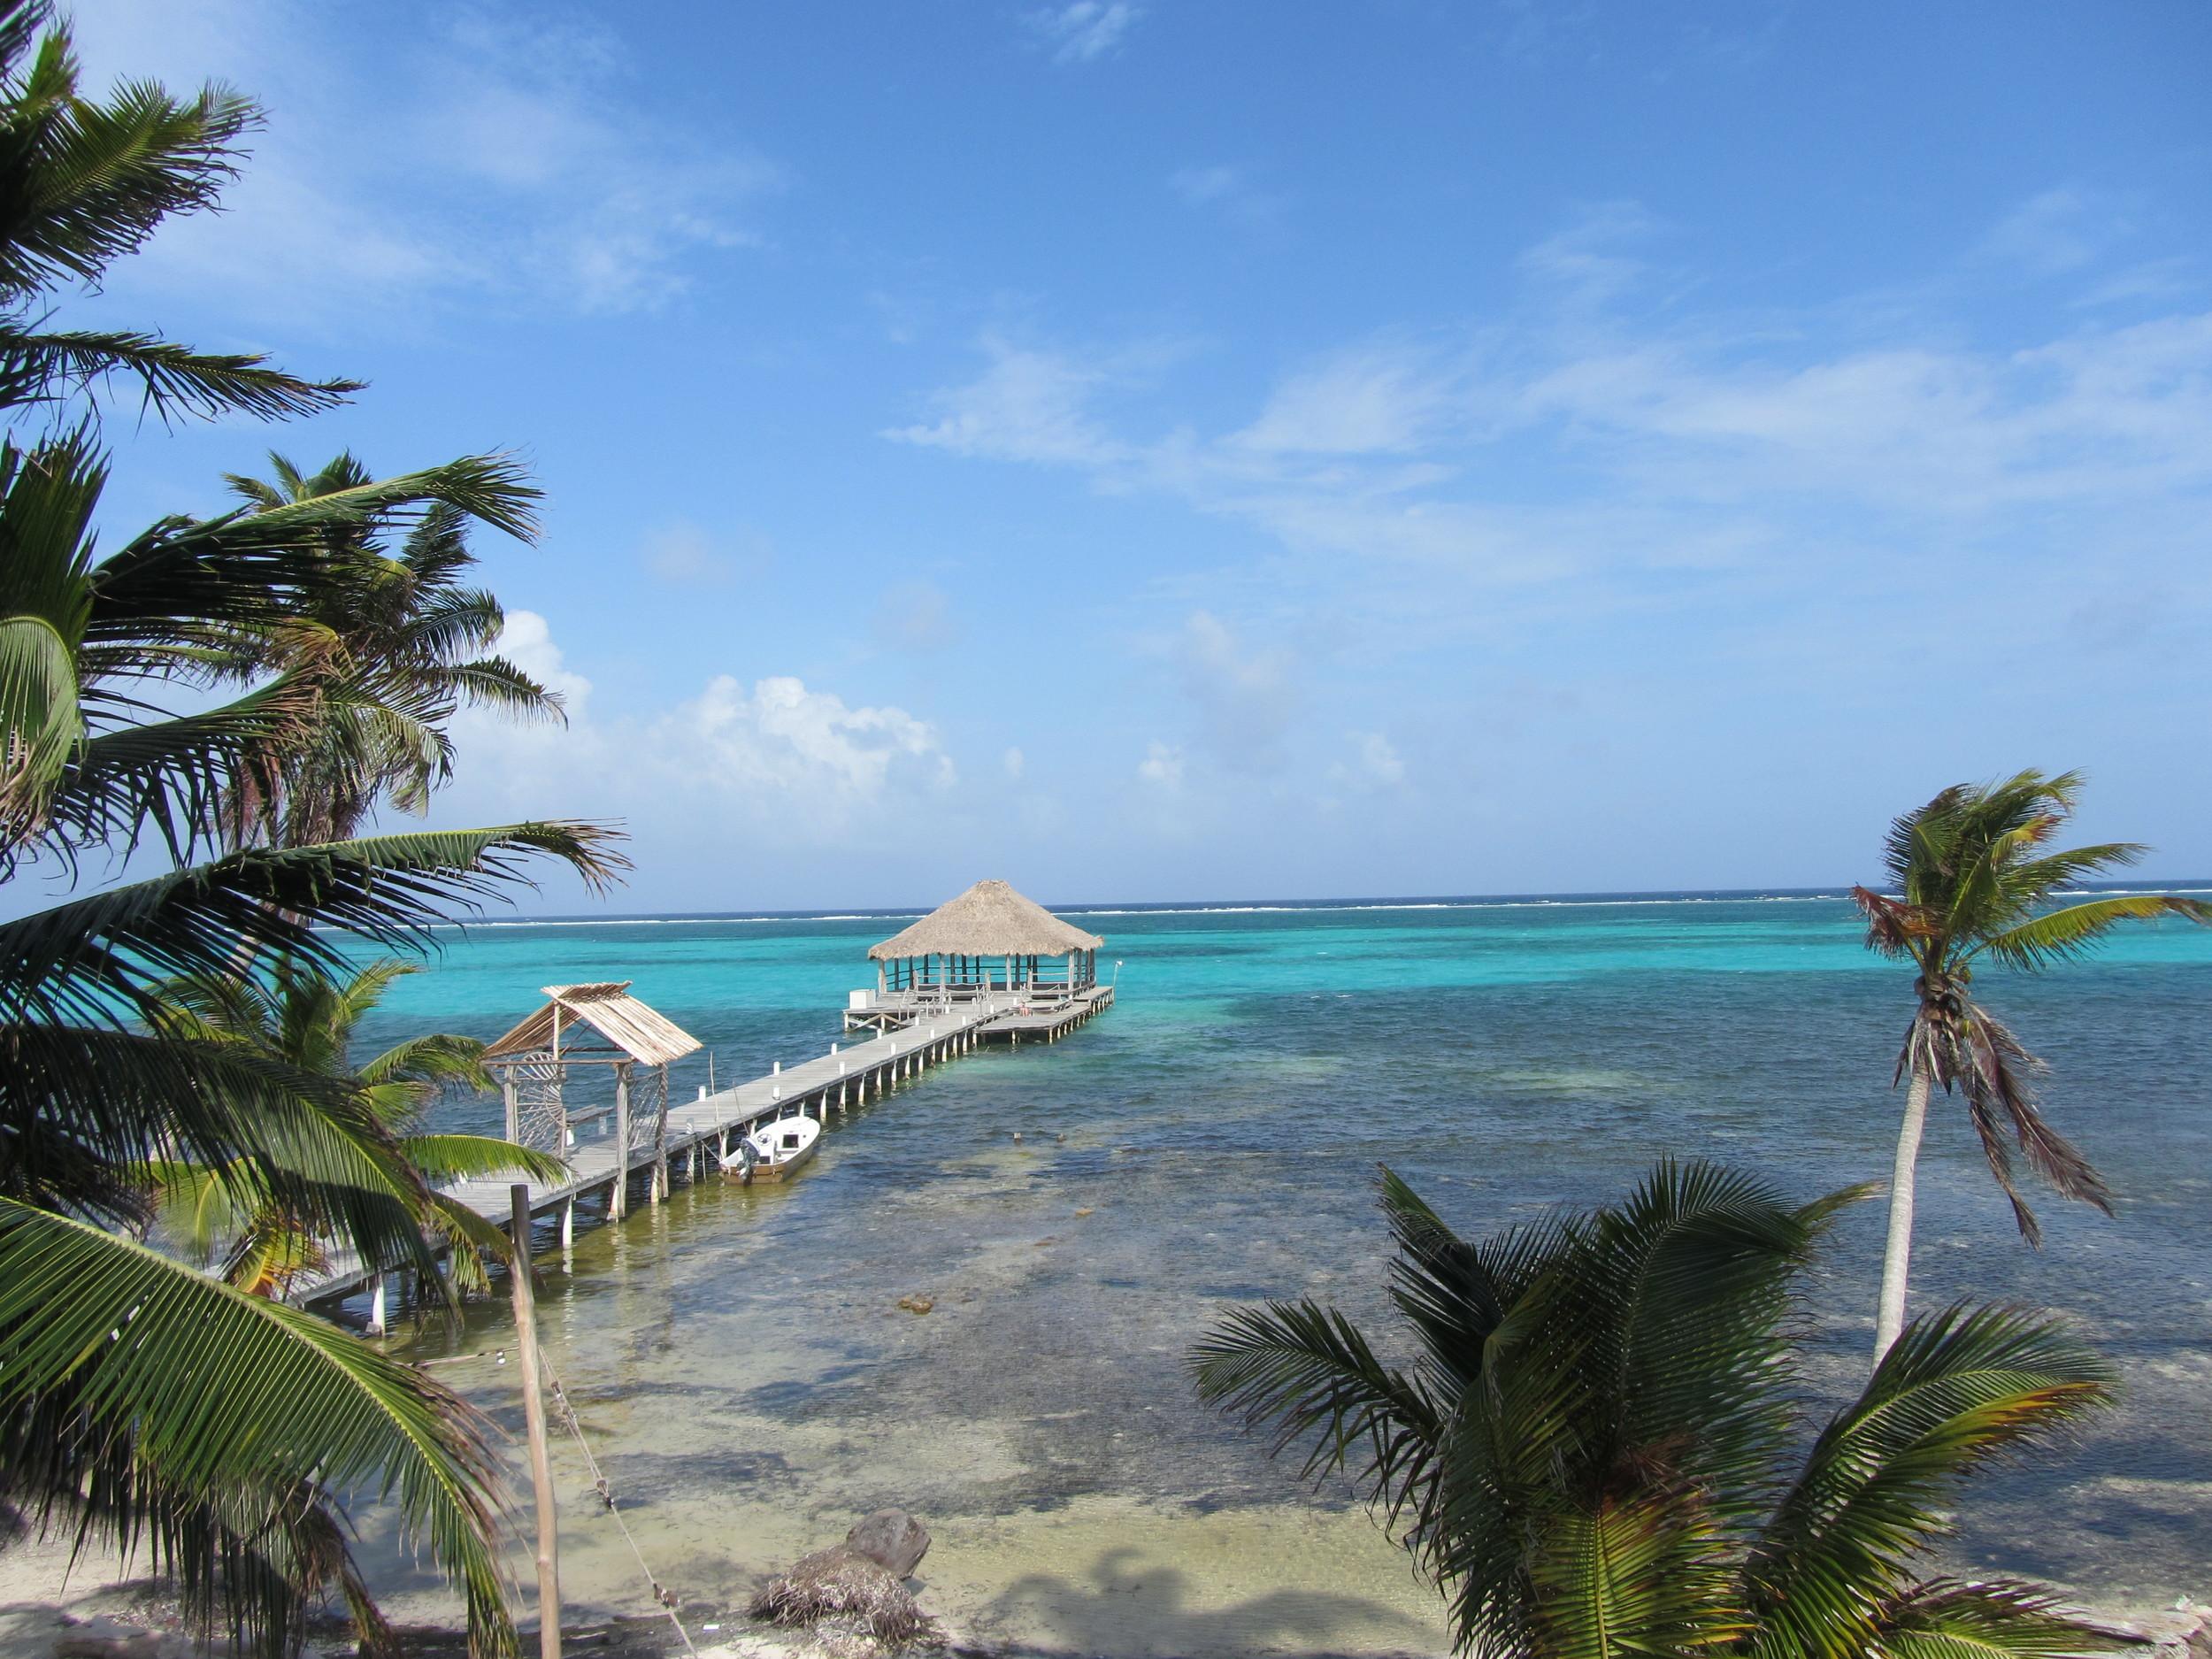 Swimming dock at the Ak'bol yoga retreat and resort